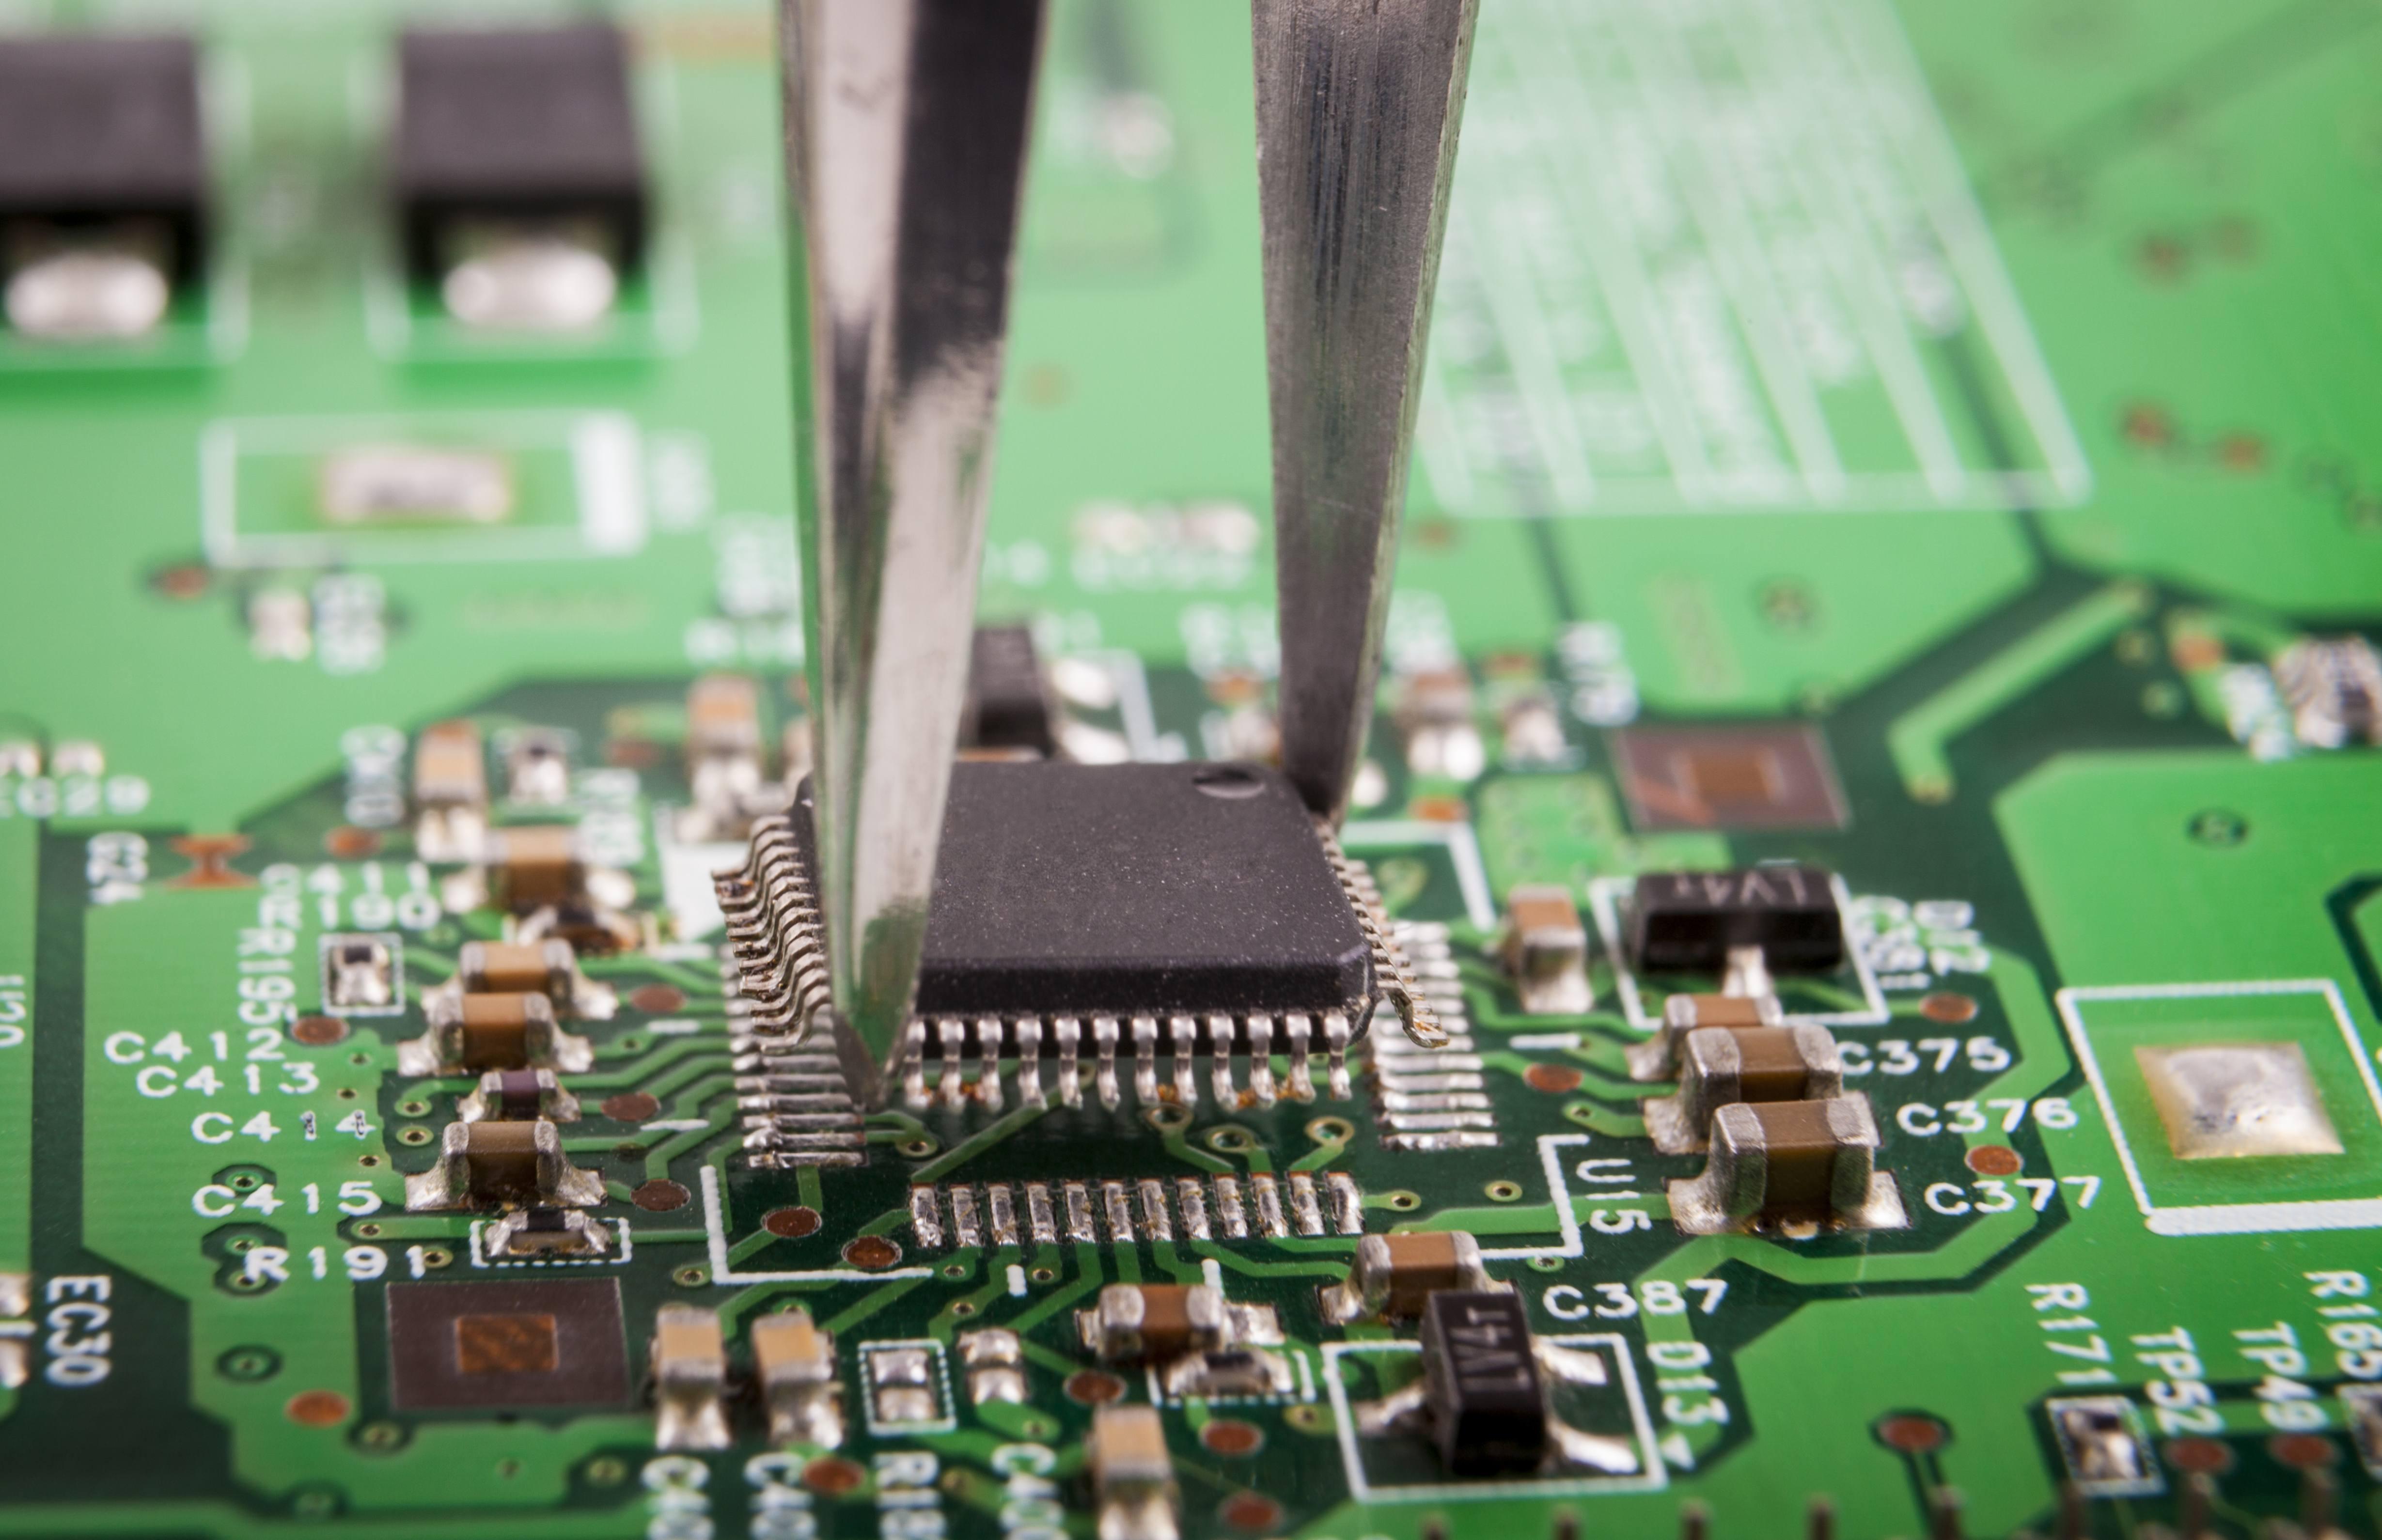 Os microchips chineses terão sido colocados em servidores americanos